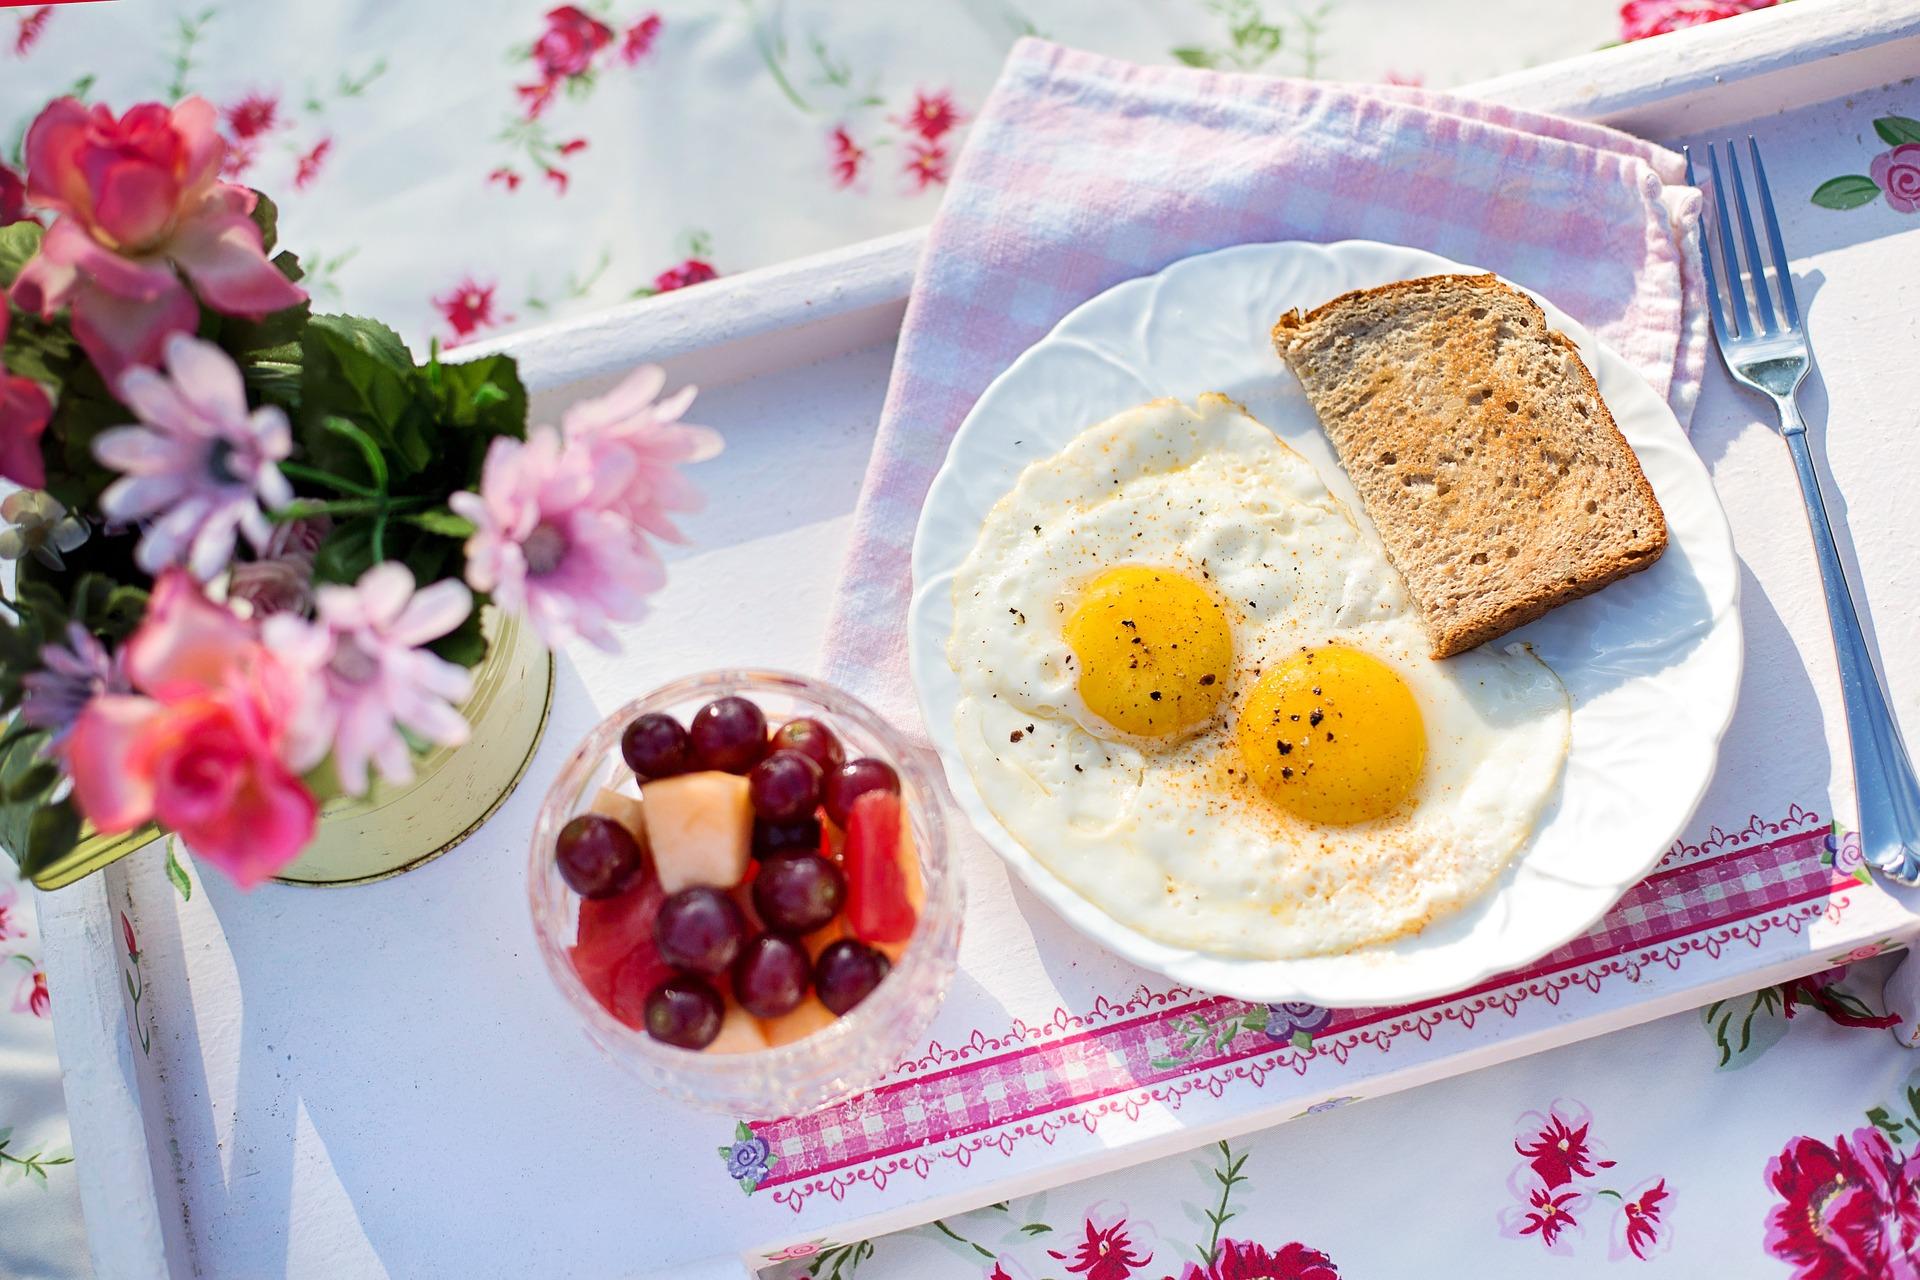 fried-eggs-846367_1920.jpg